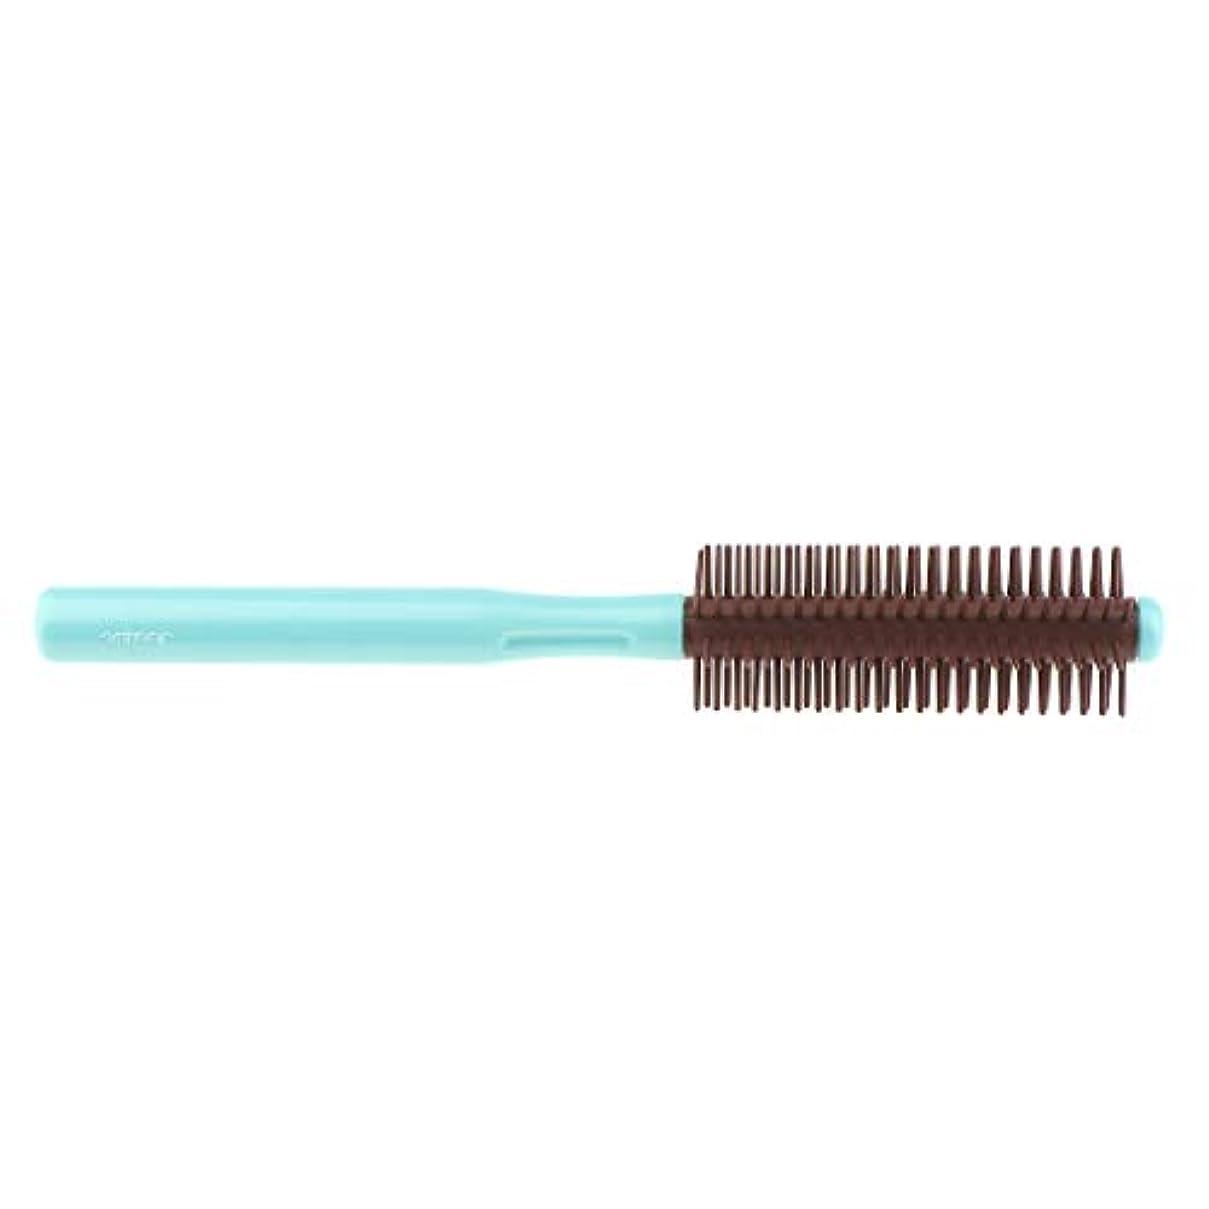 有名な証拠ロールブラシ 帯電防止櫛 ヘアブラシ くし 2色選べ - 青